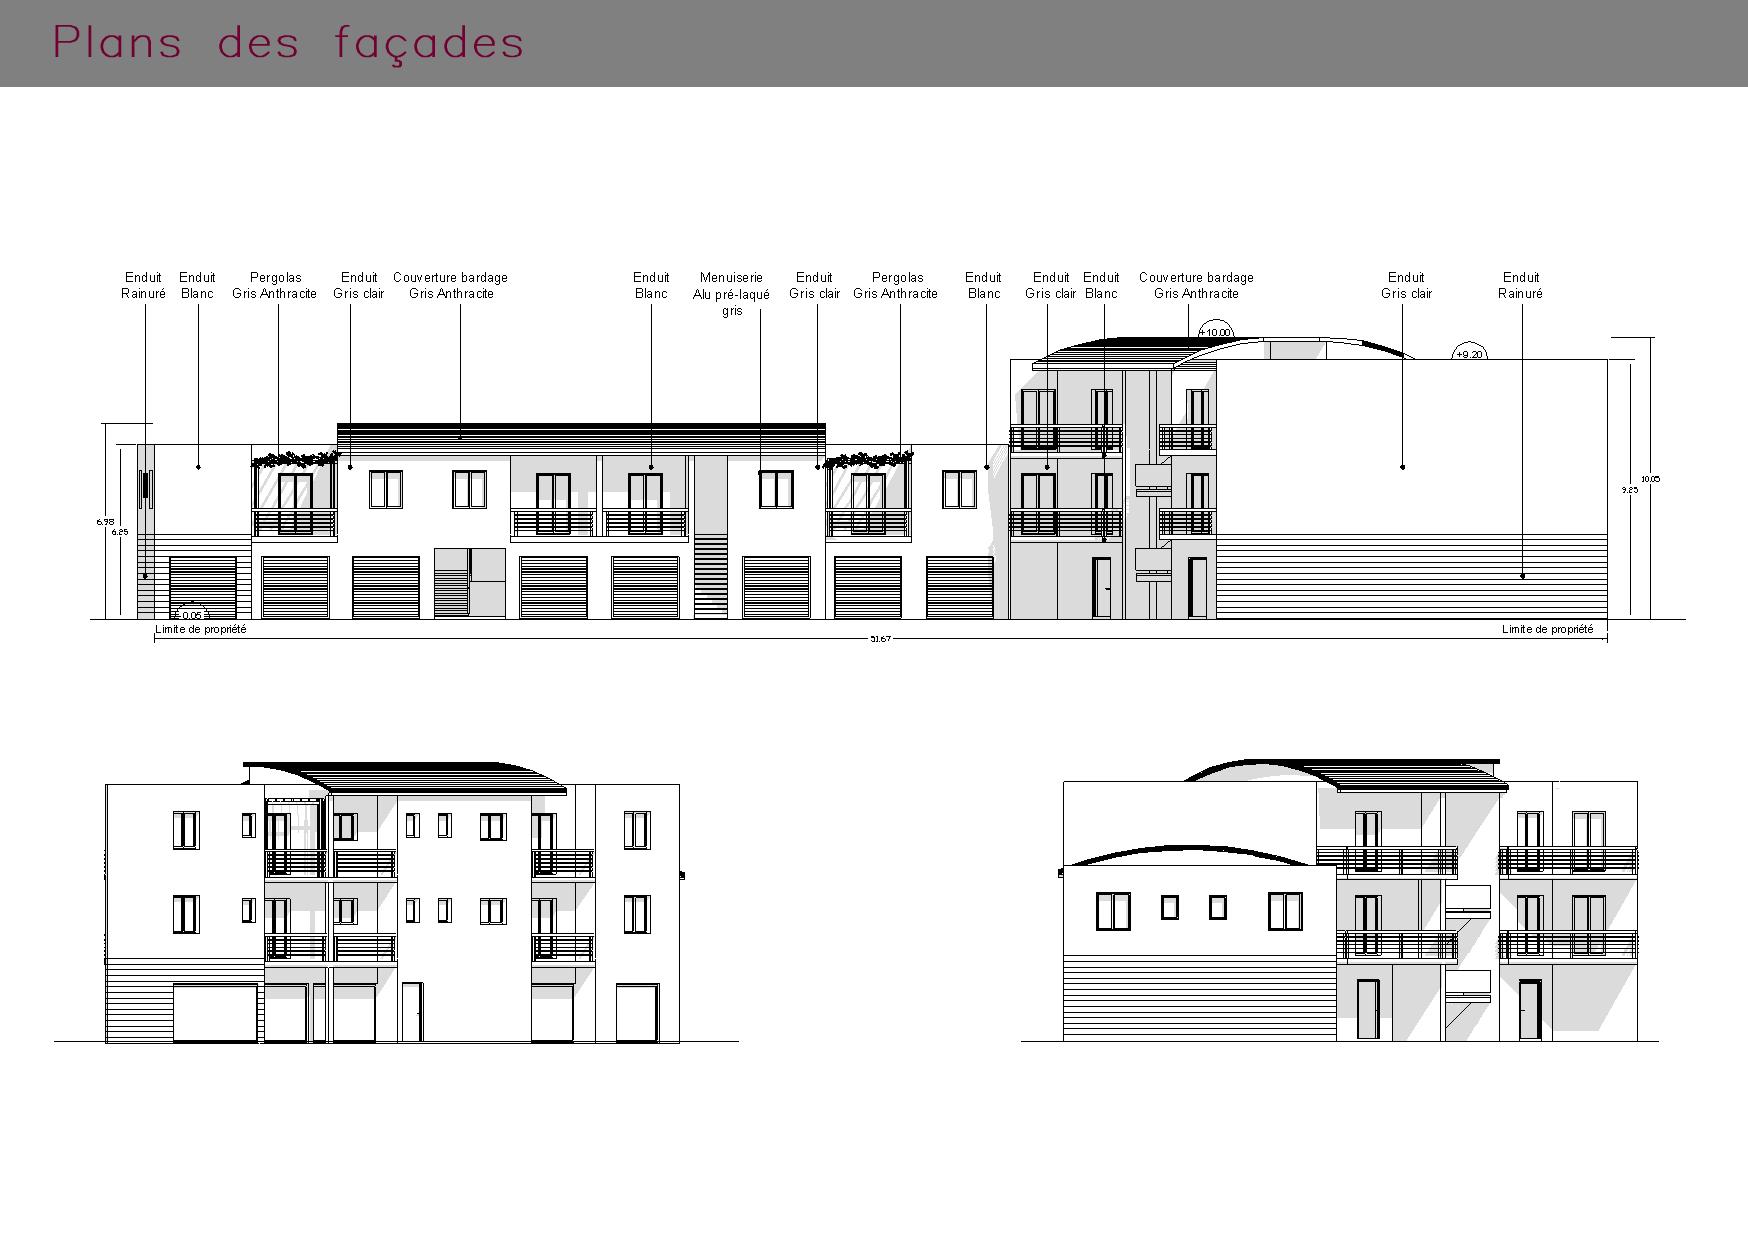 Plans des façades d'un immeuble